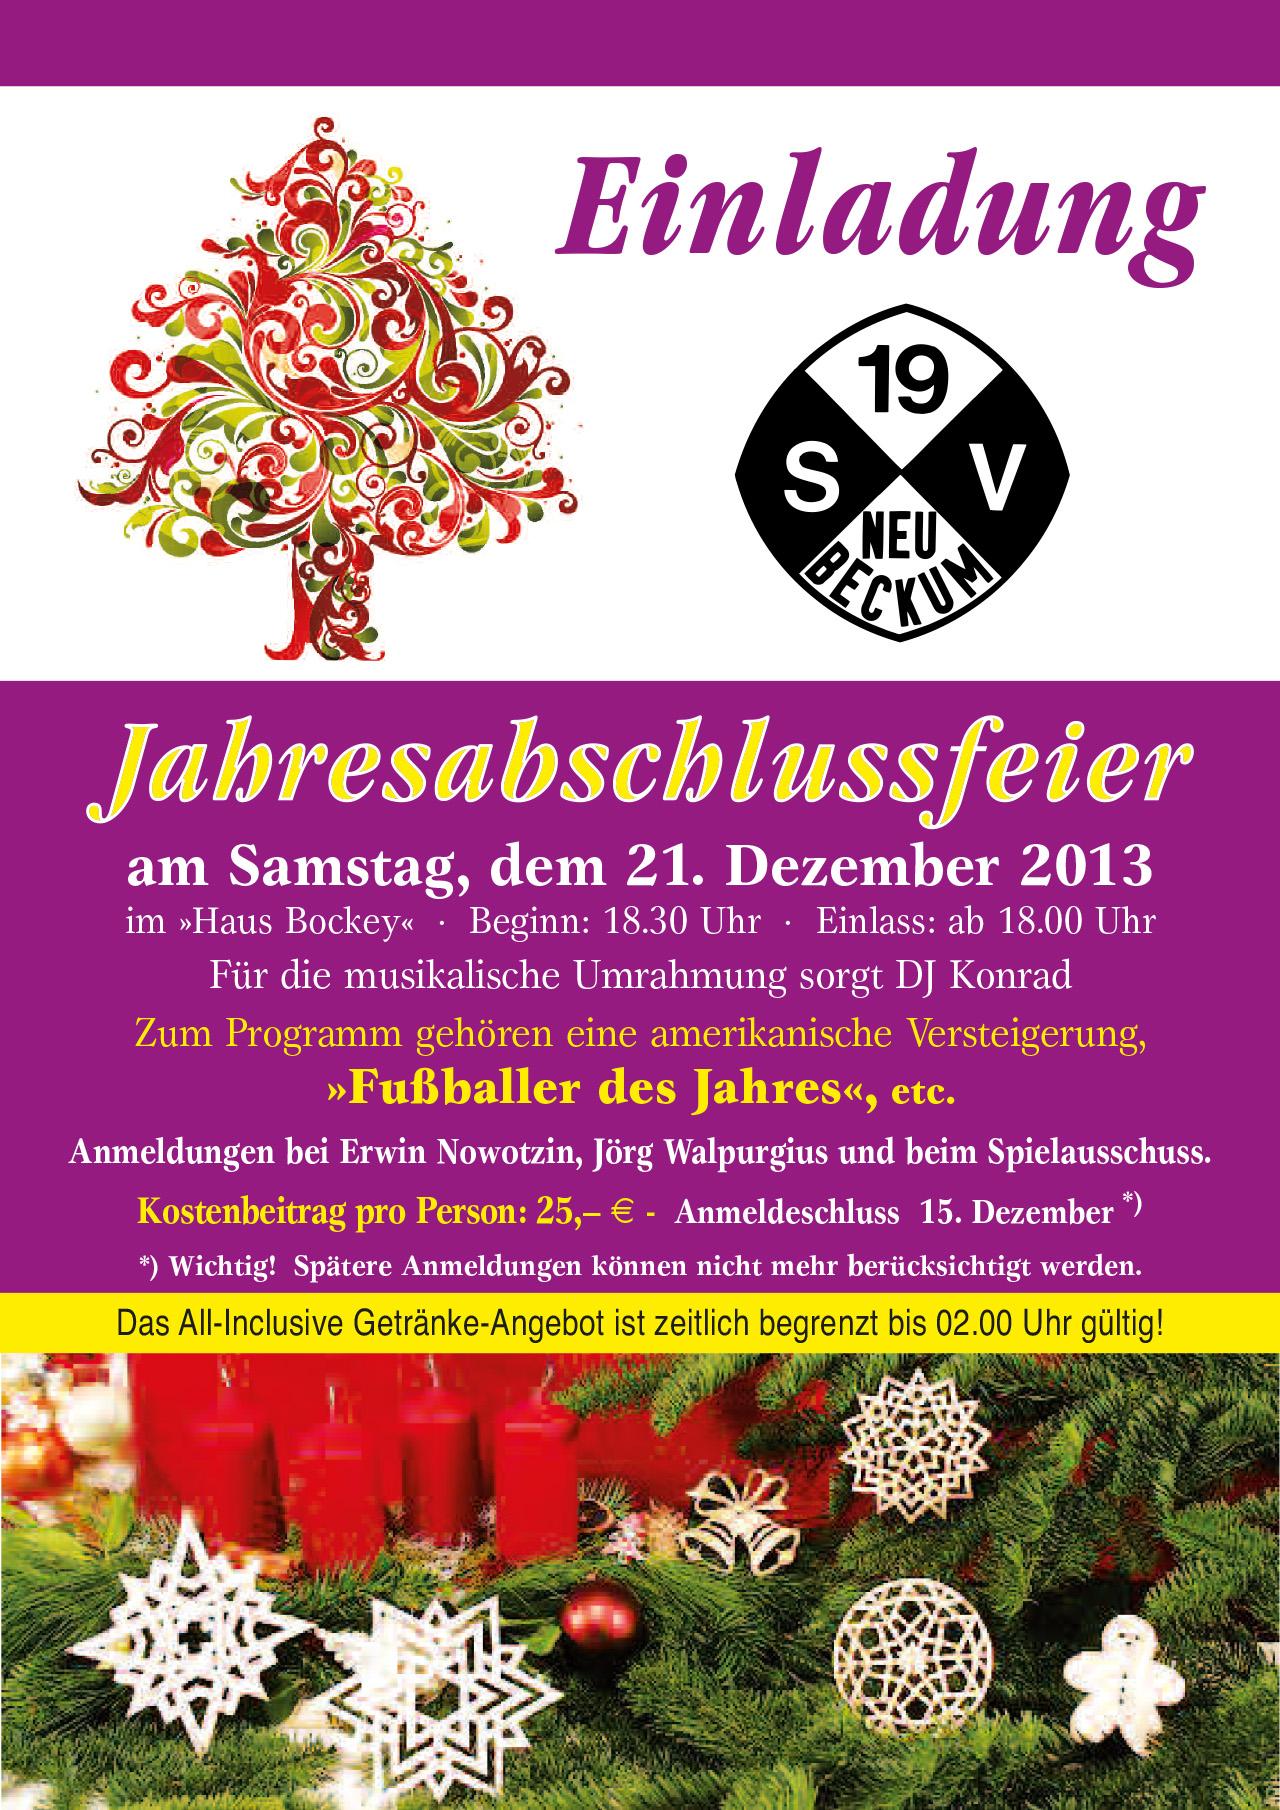 einladung zur weihnachtsfeier 2013 – sv neubeckum 1919 e.v., Einladung